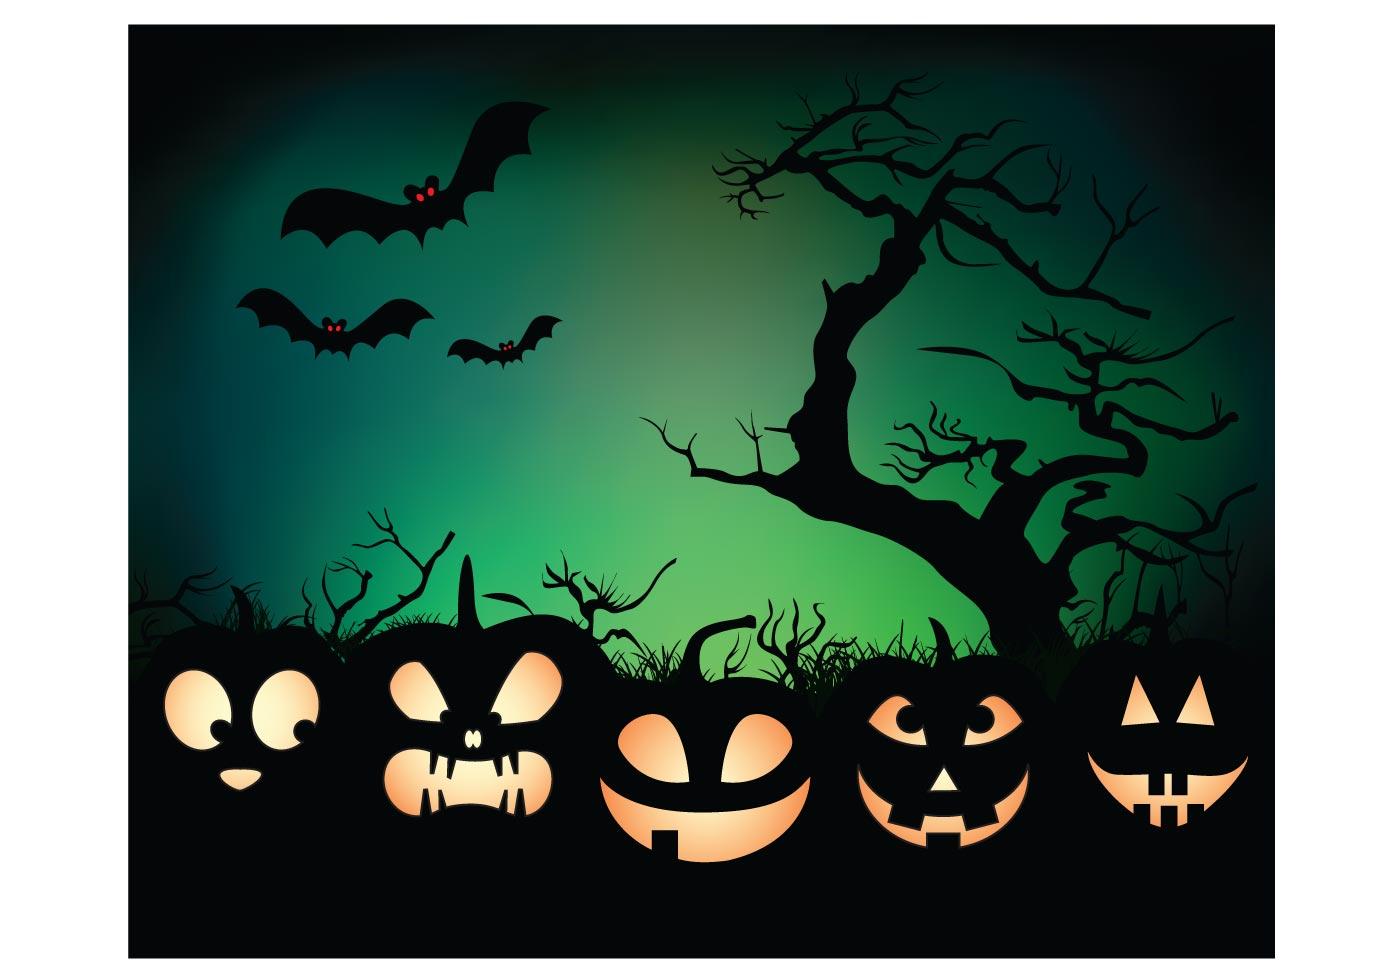 Halloween Night Background Download Free Vector Art